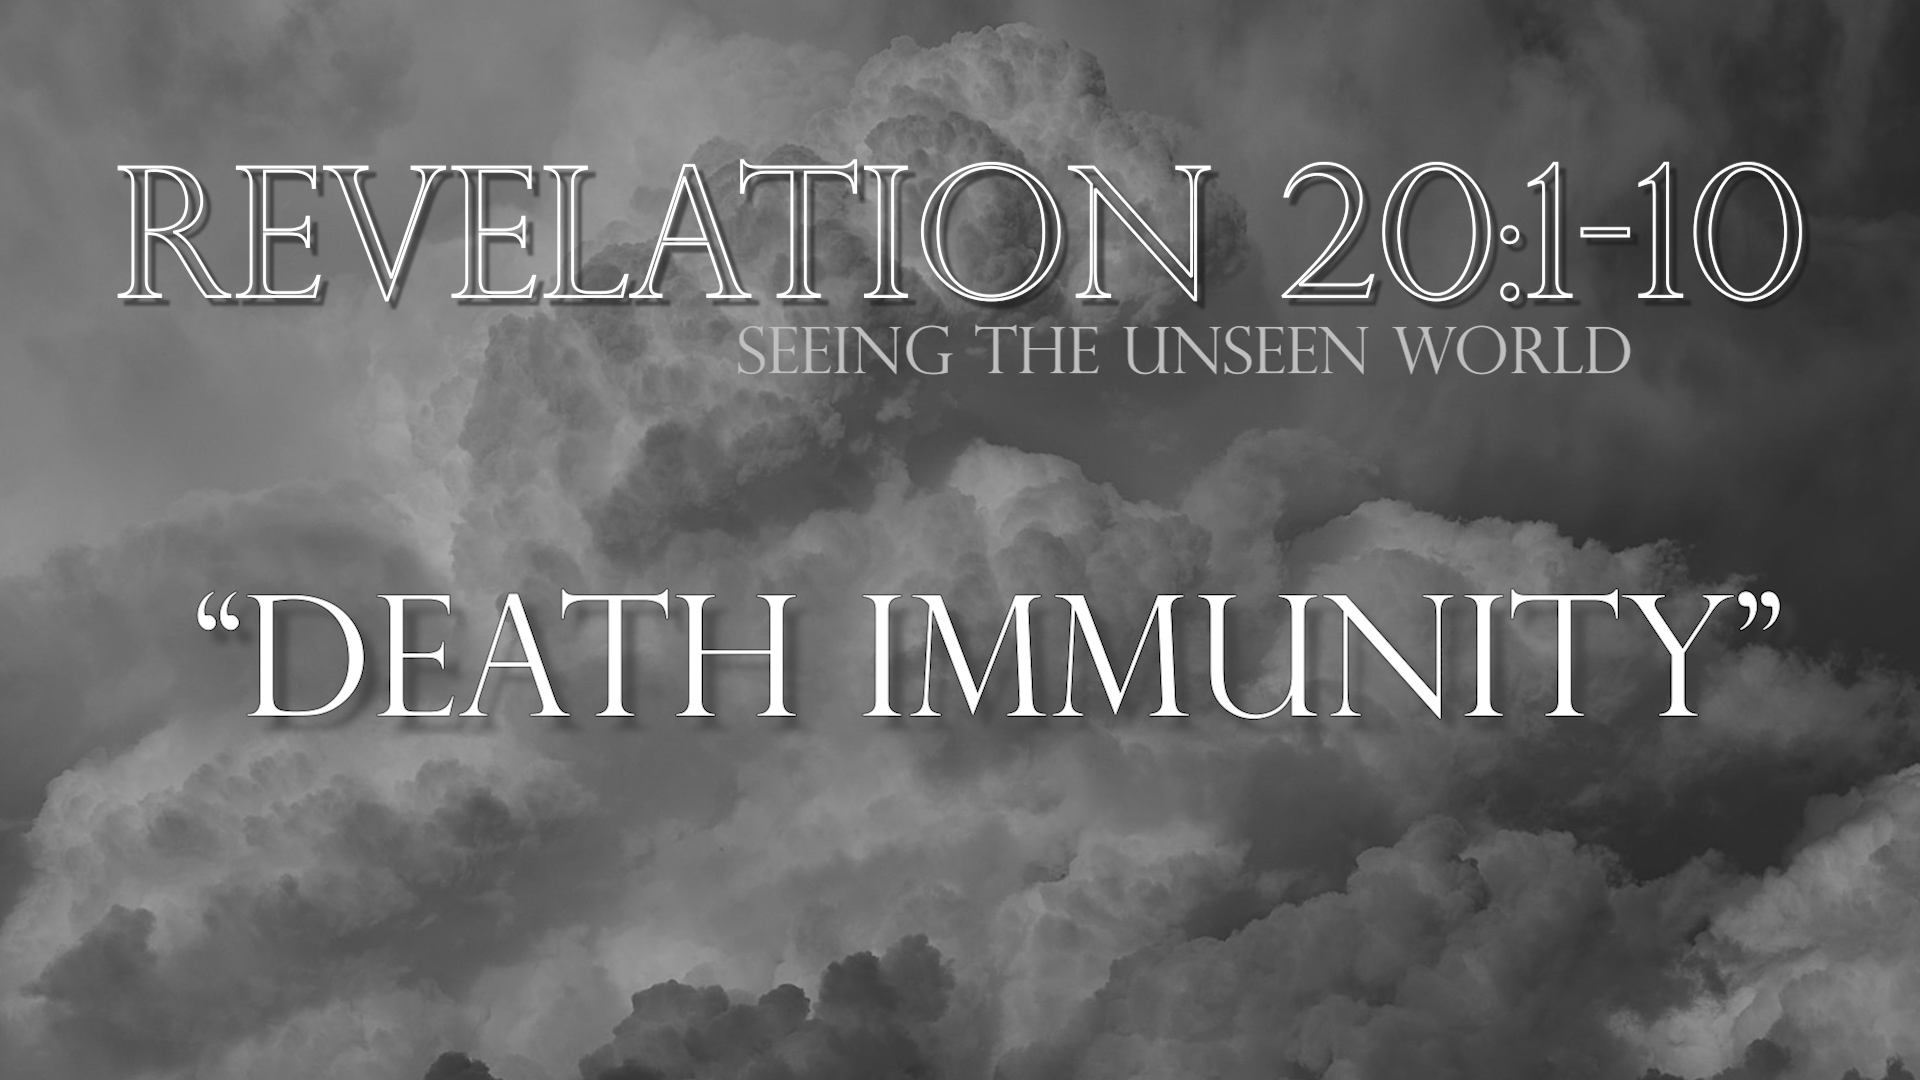 Death Immunity